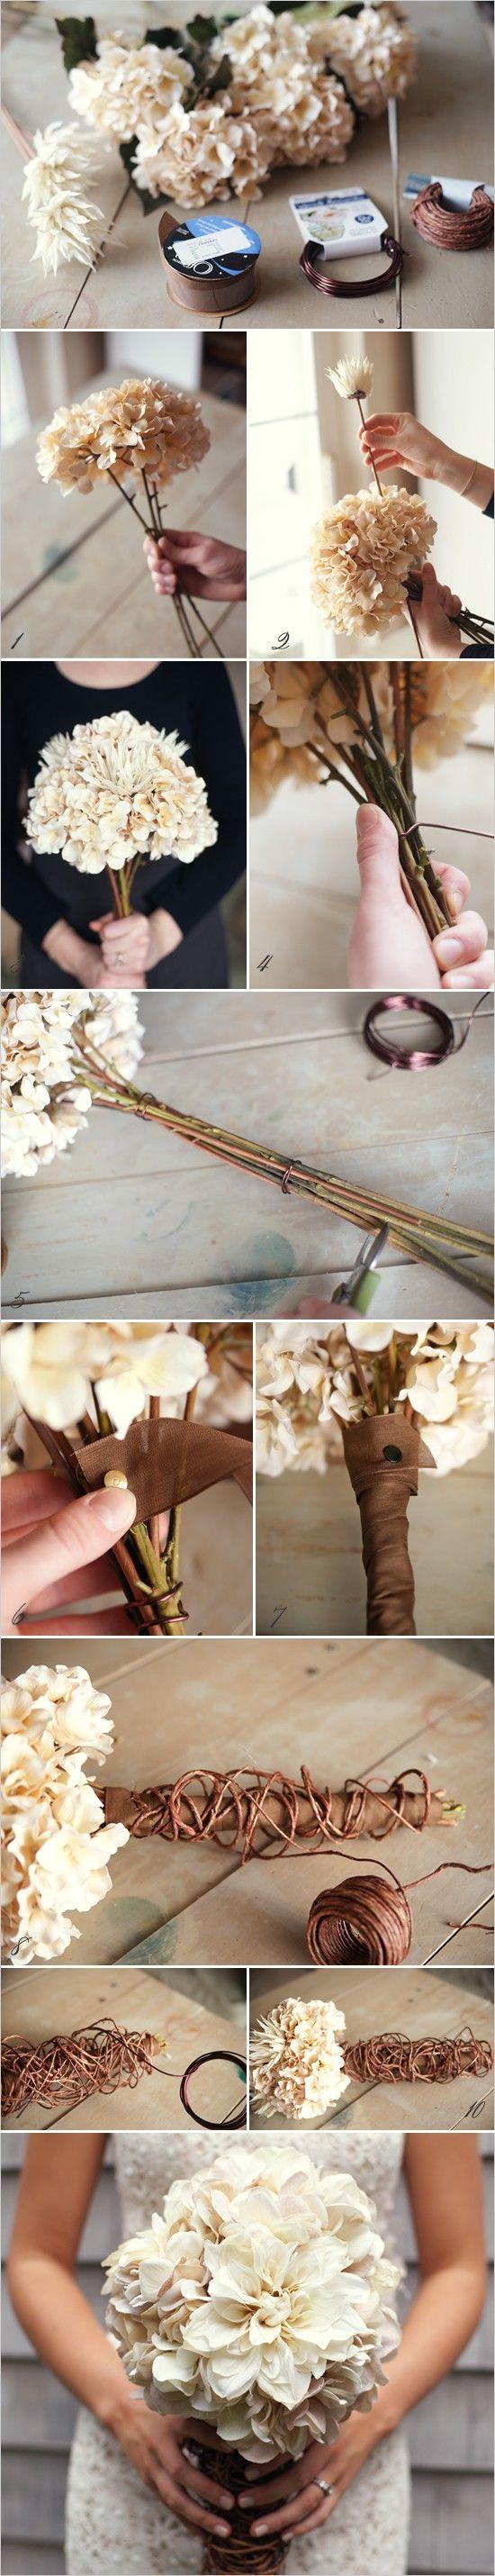 Bloemenboeket zelf maken